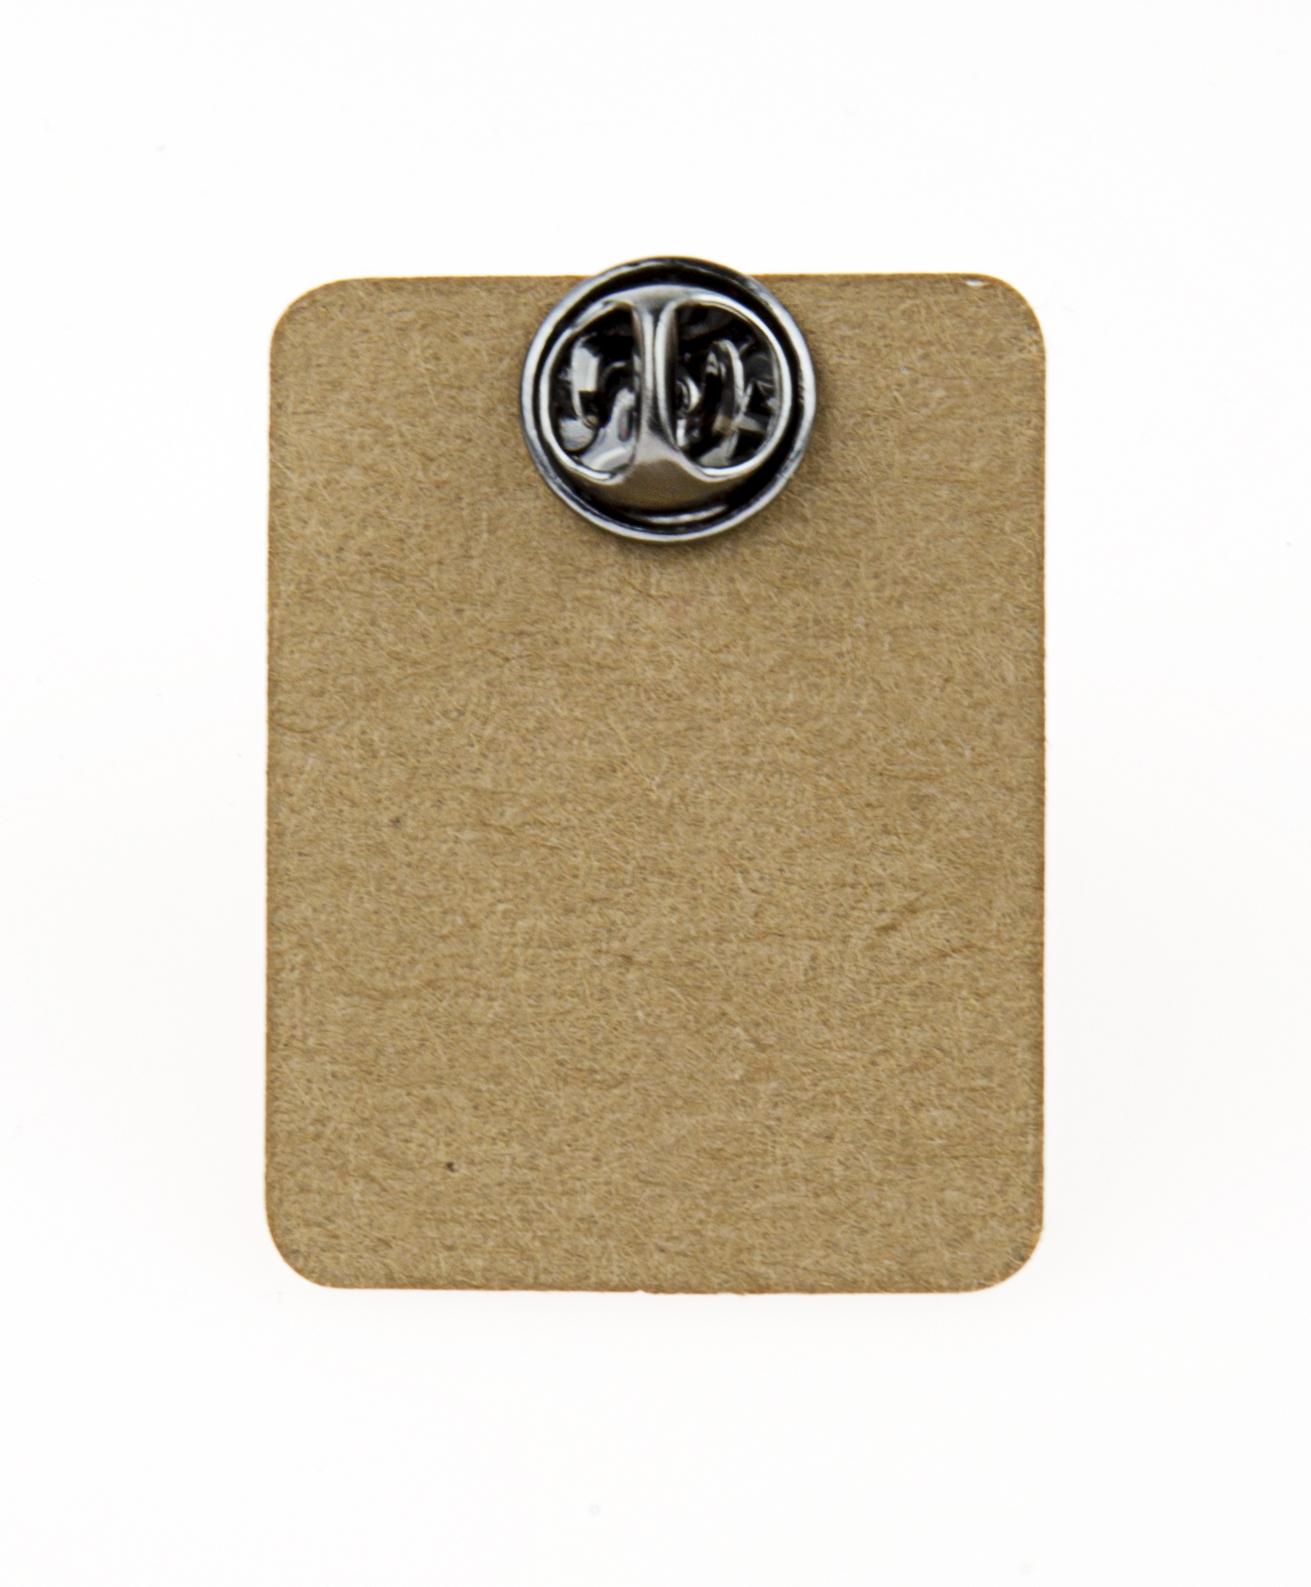 Metal Pirate Green Cat Enamel Pin Badge